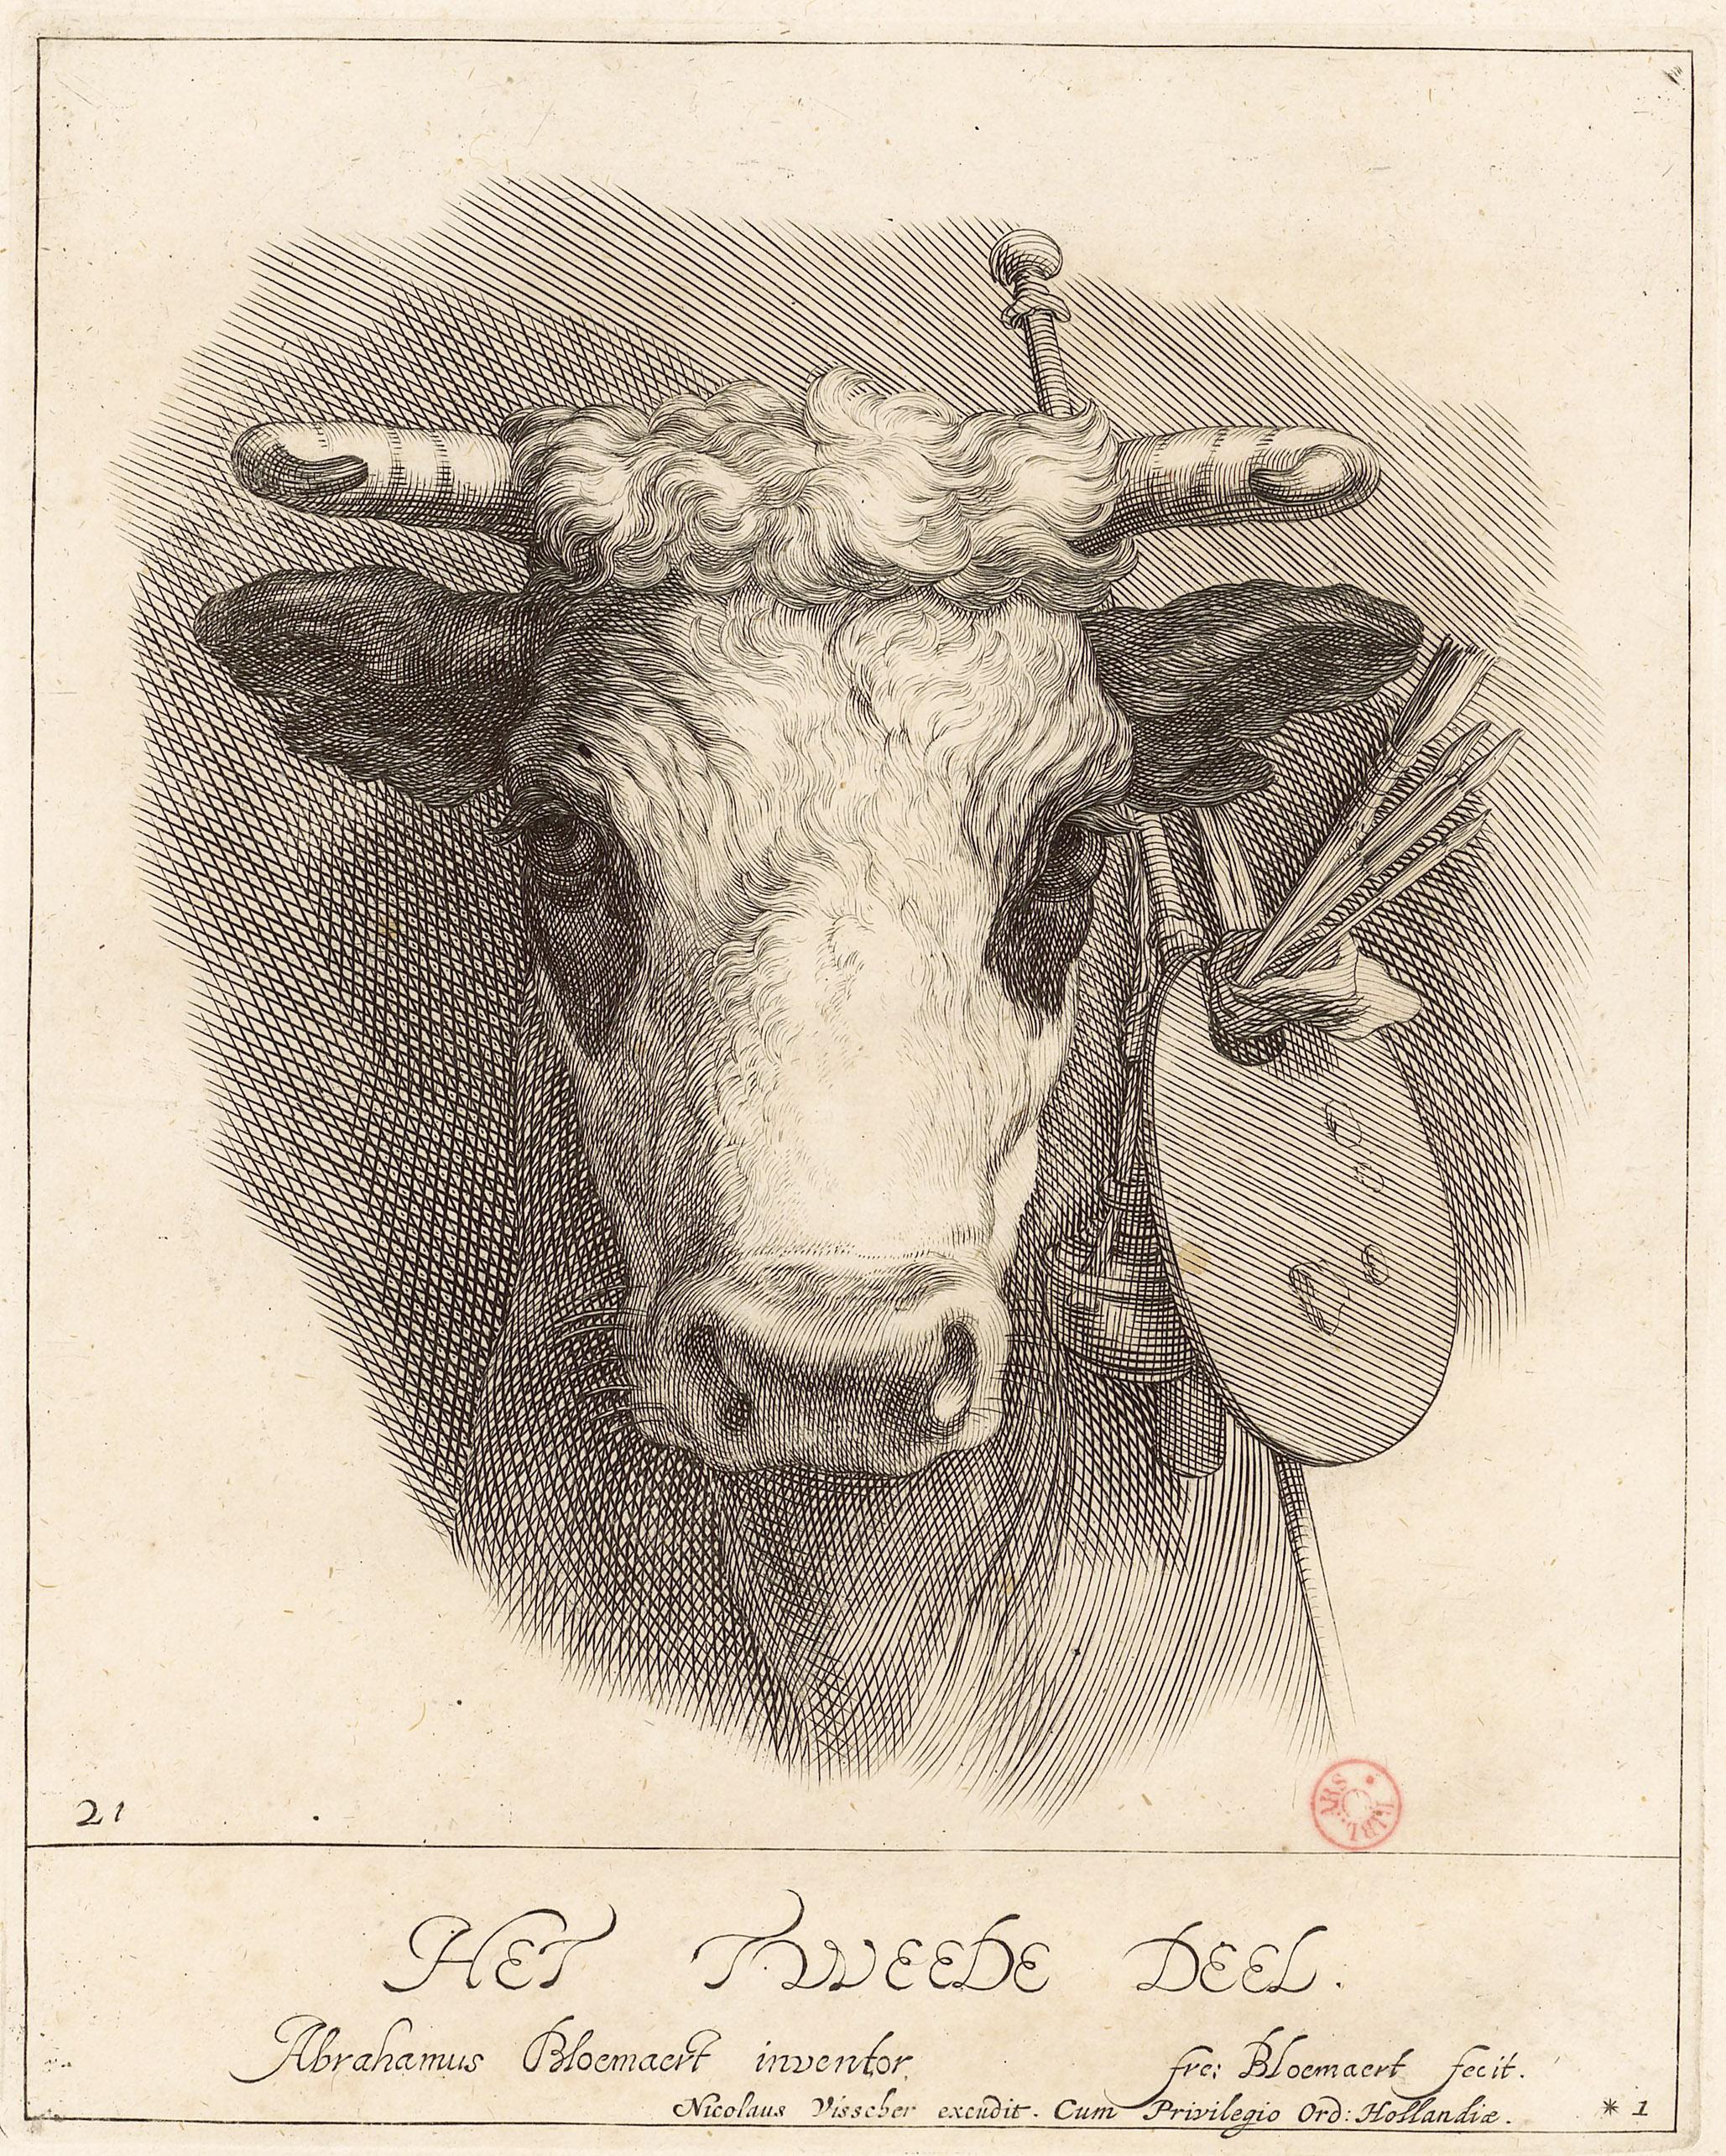 estampe de Abrahamus Bloemaert dans son livre  à dessiner - Gallica